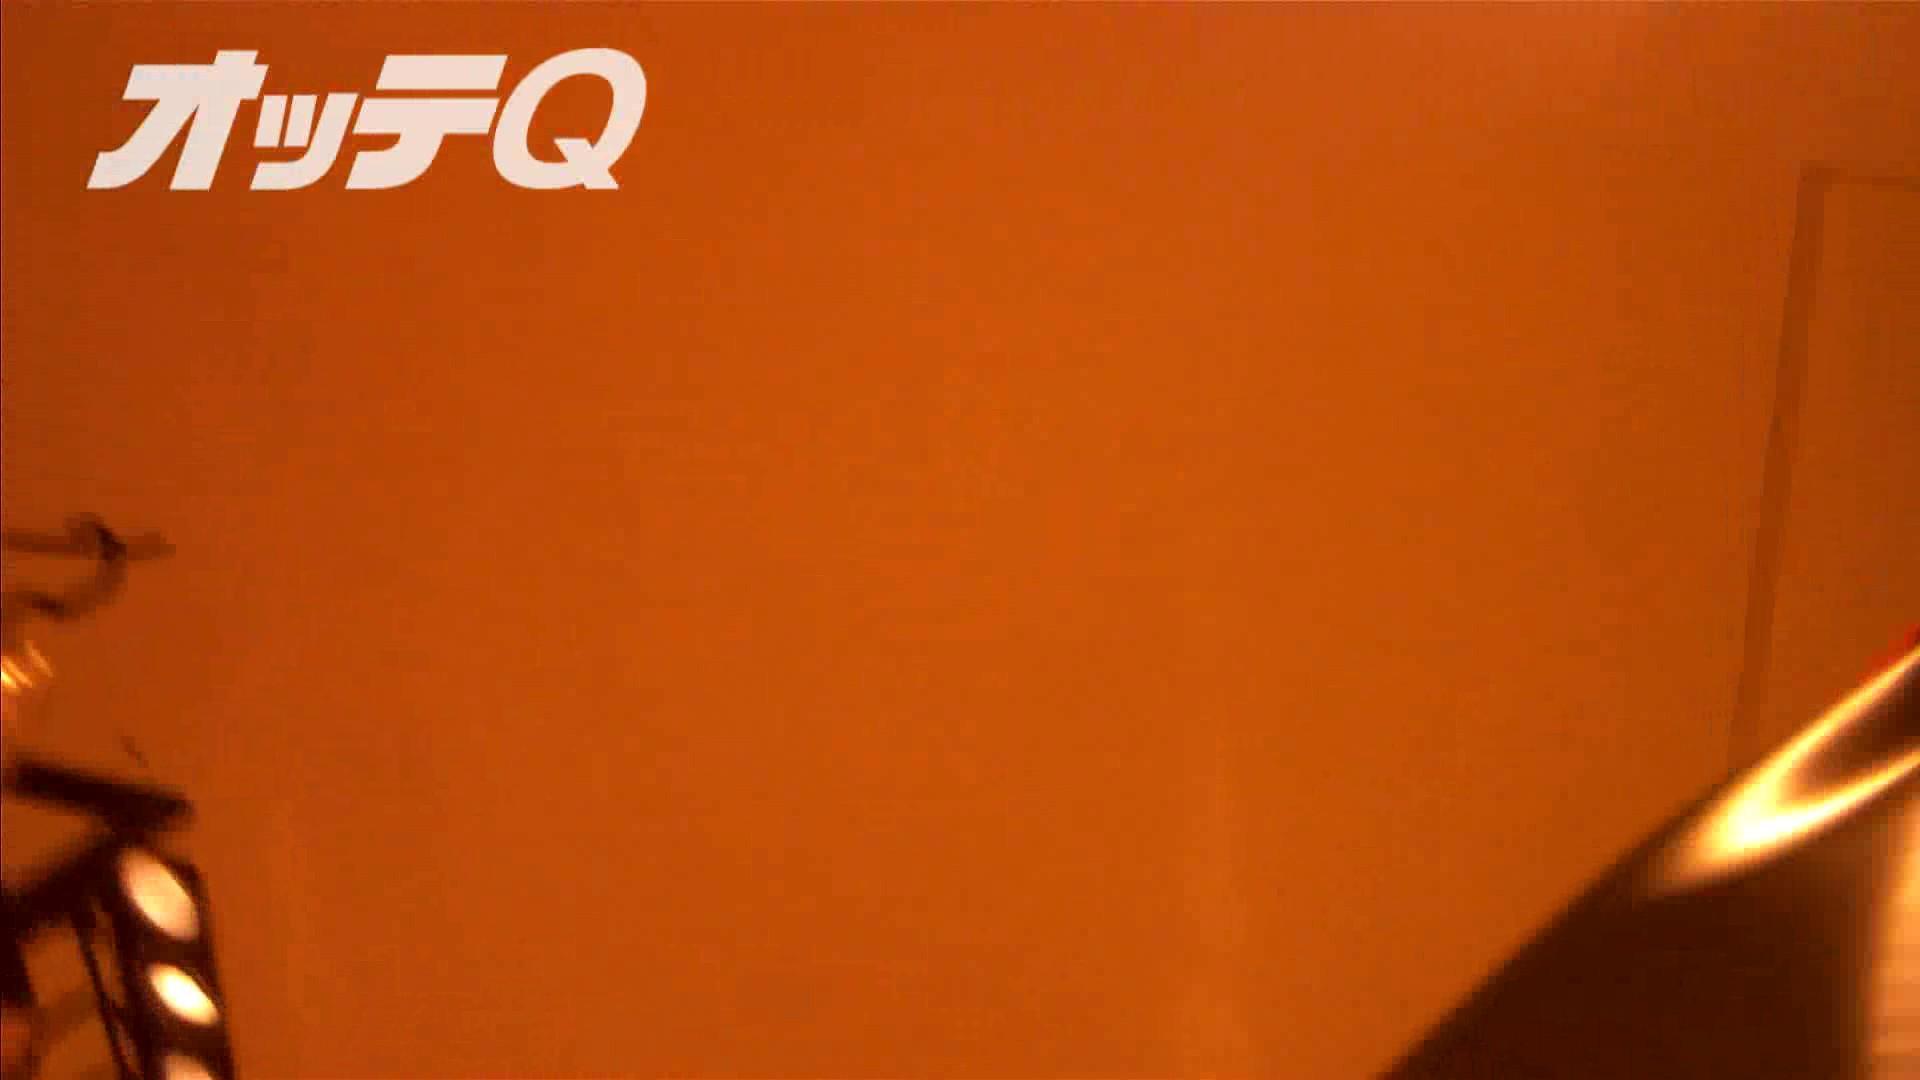 ハイビジョンパンチラ オッテQさんの追跡パンチラデパート編VOL.03 パンチラのぞき ワレメ動画紹介 109pic 69